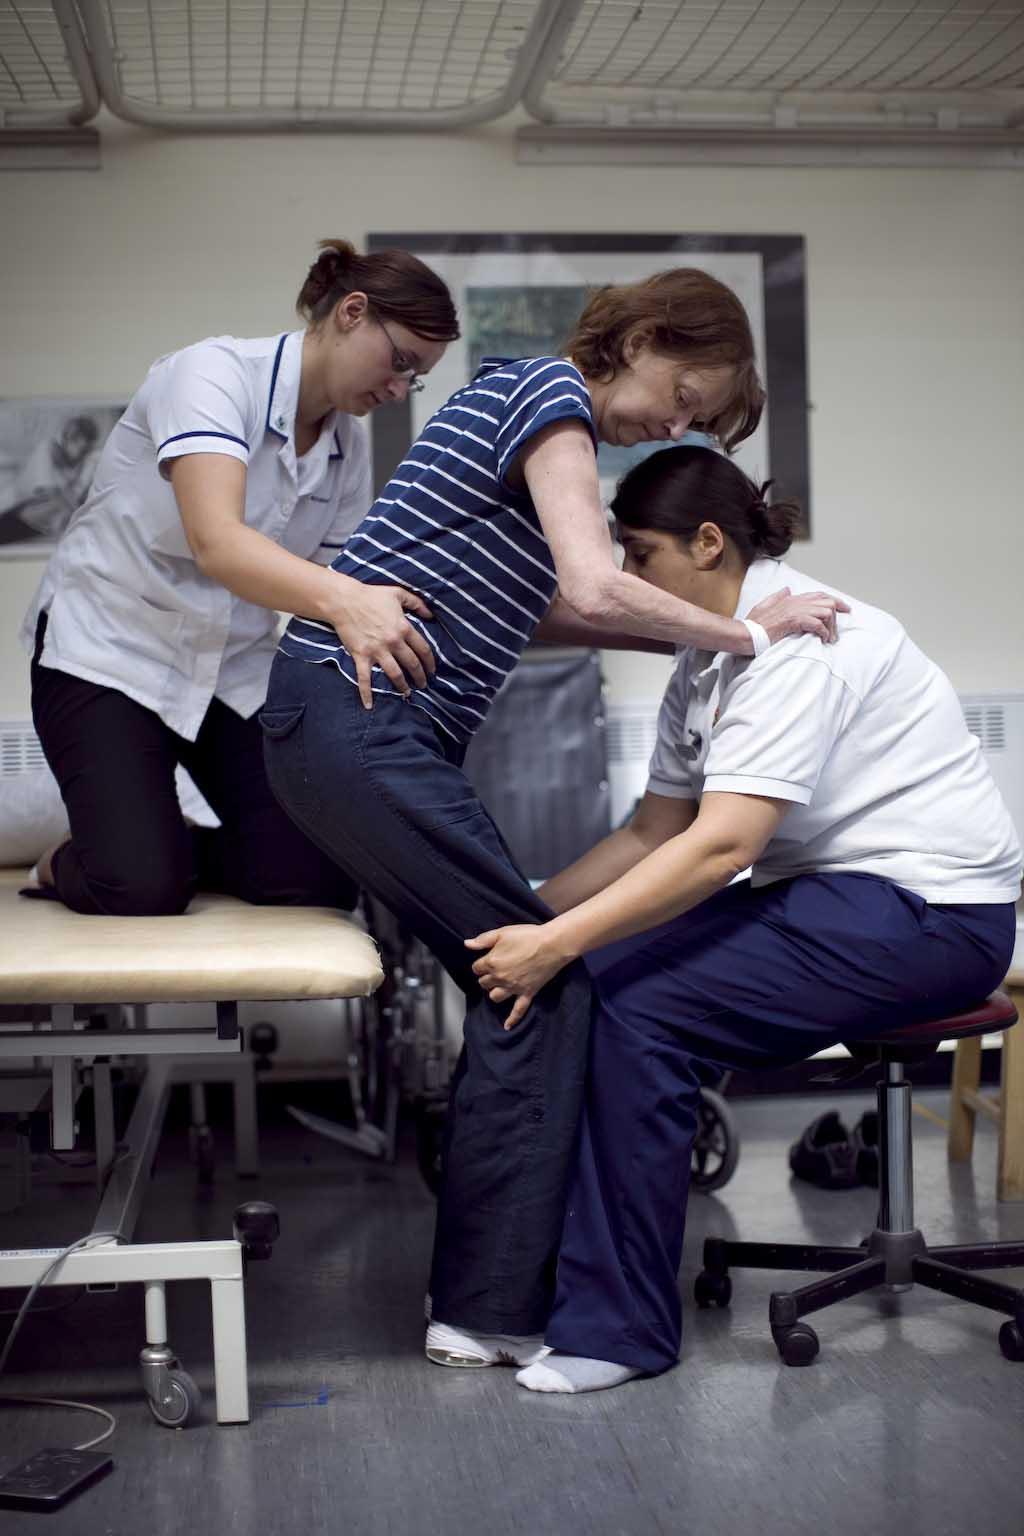 strokepatient hjälps